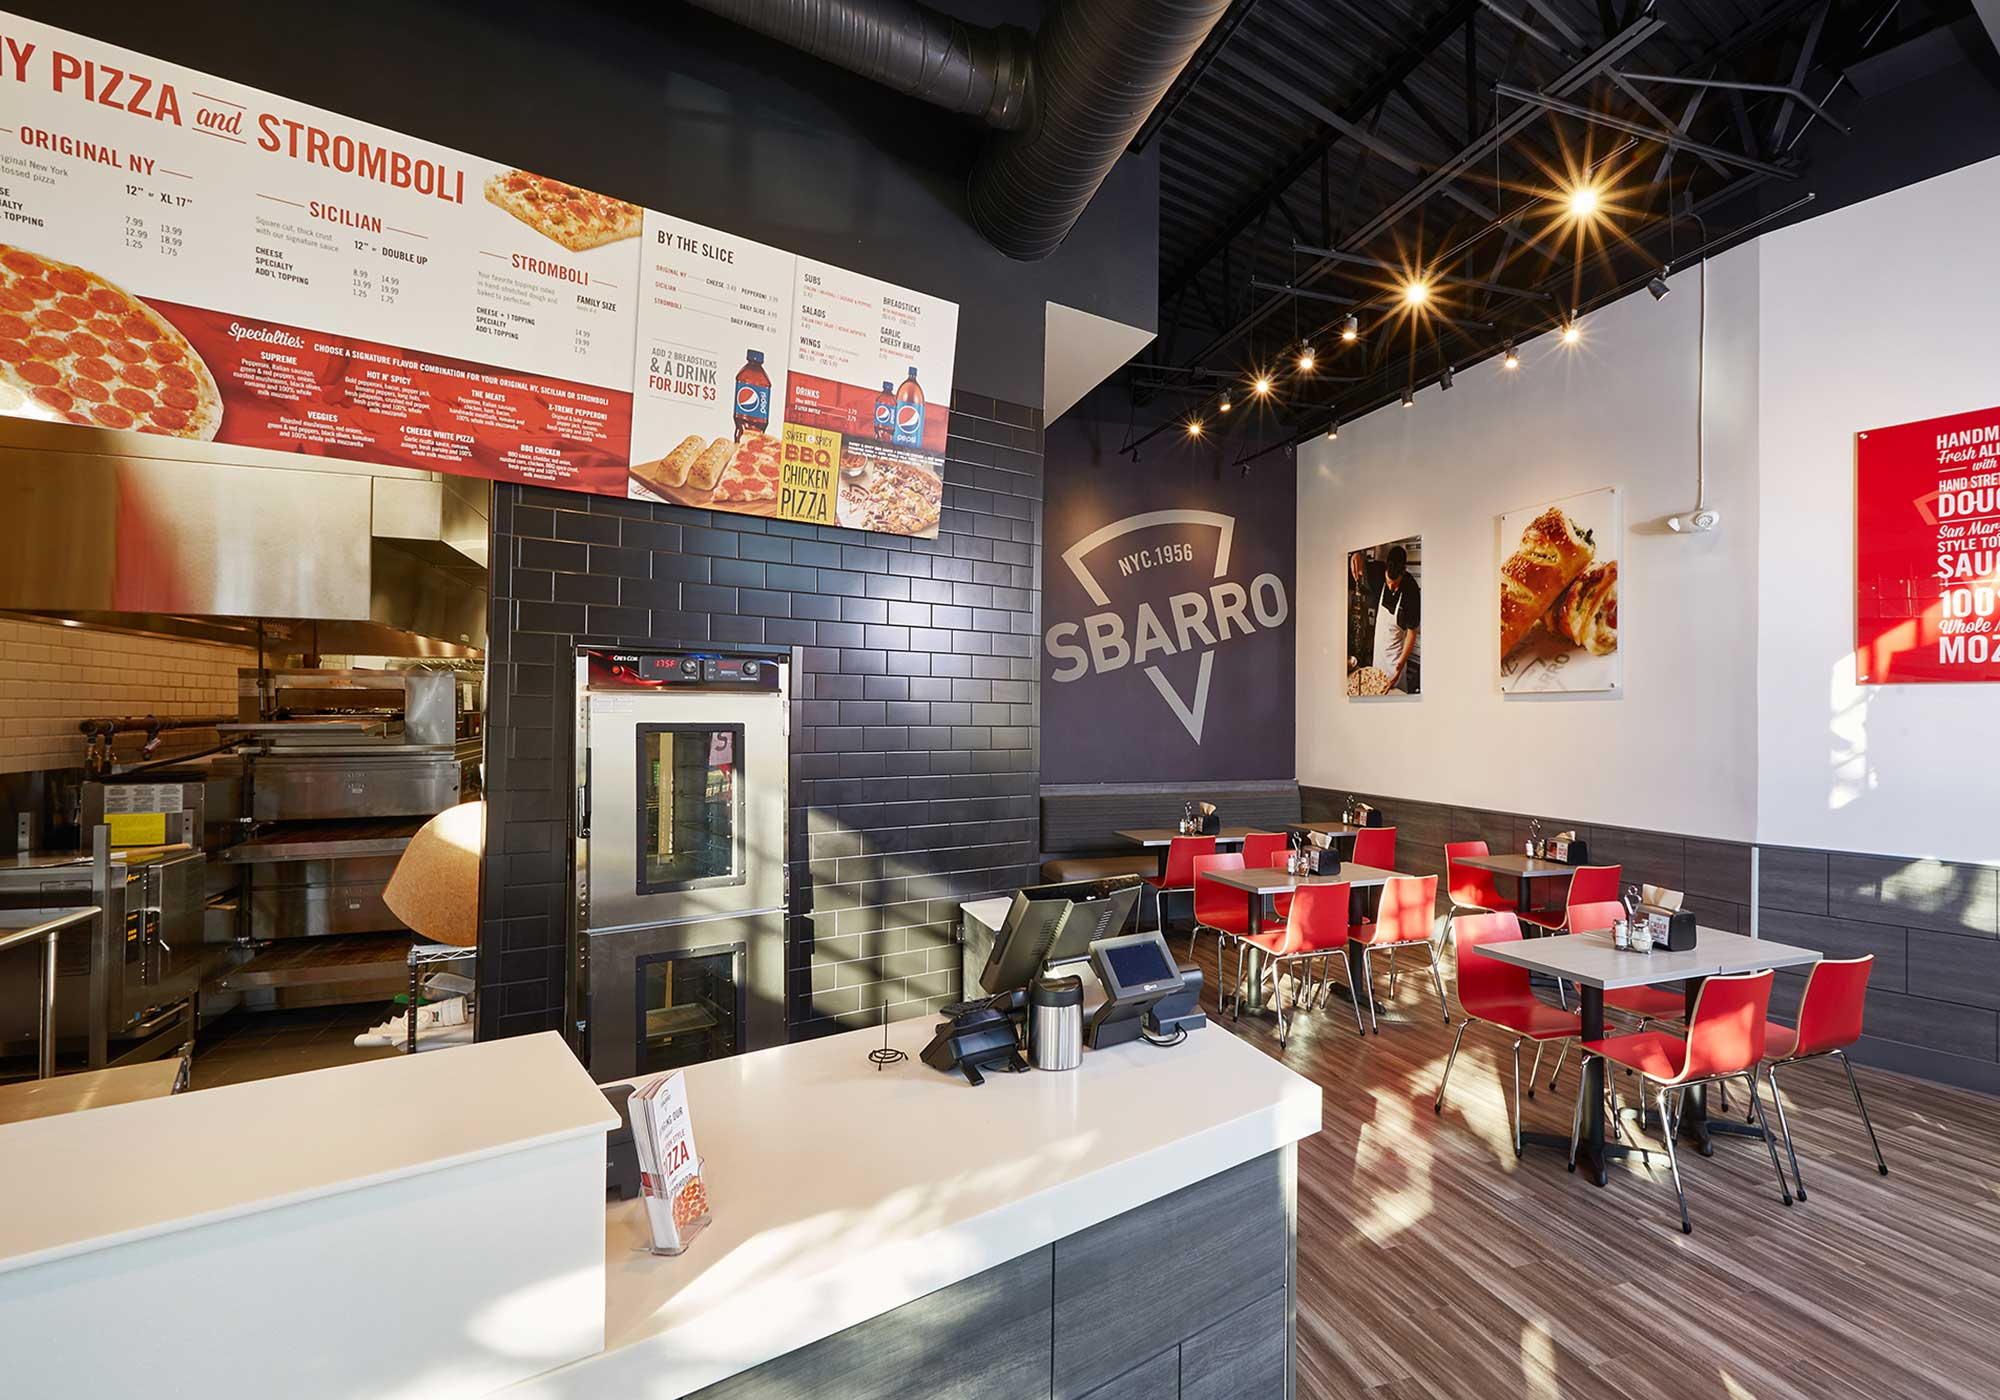 Interior Sbarro dining room